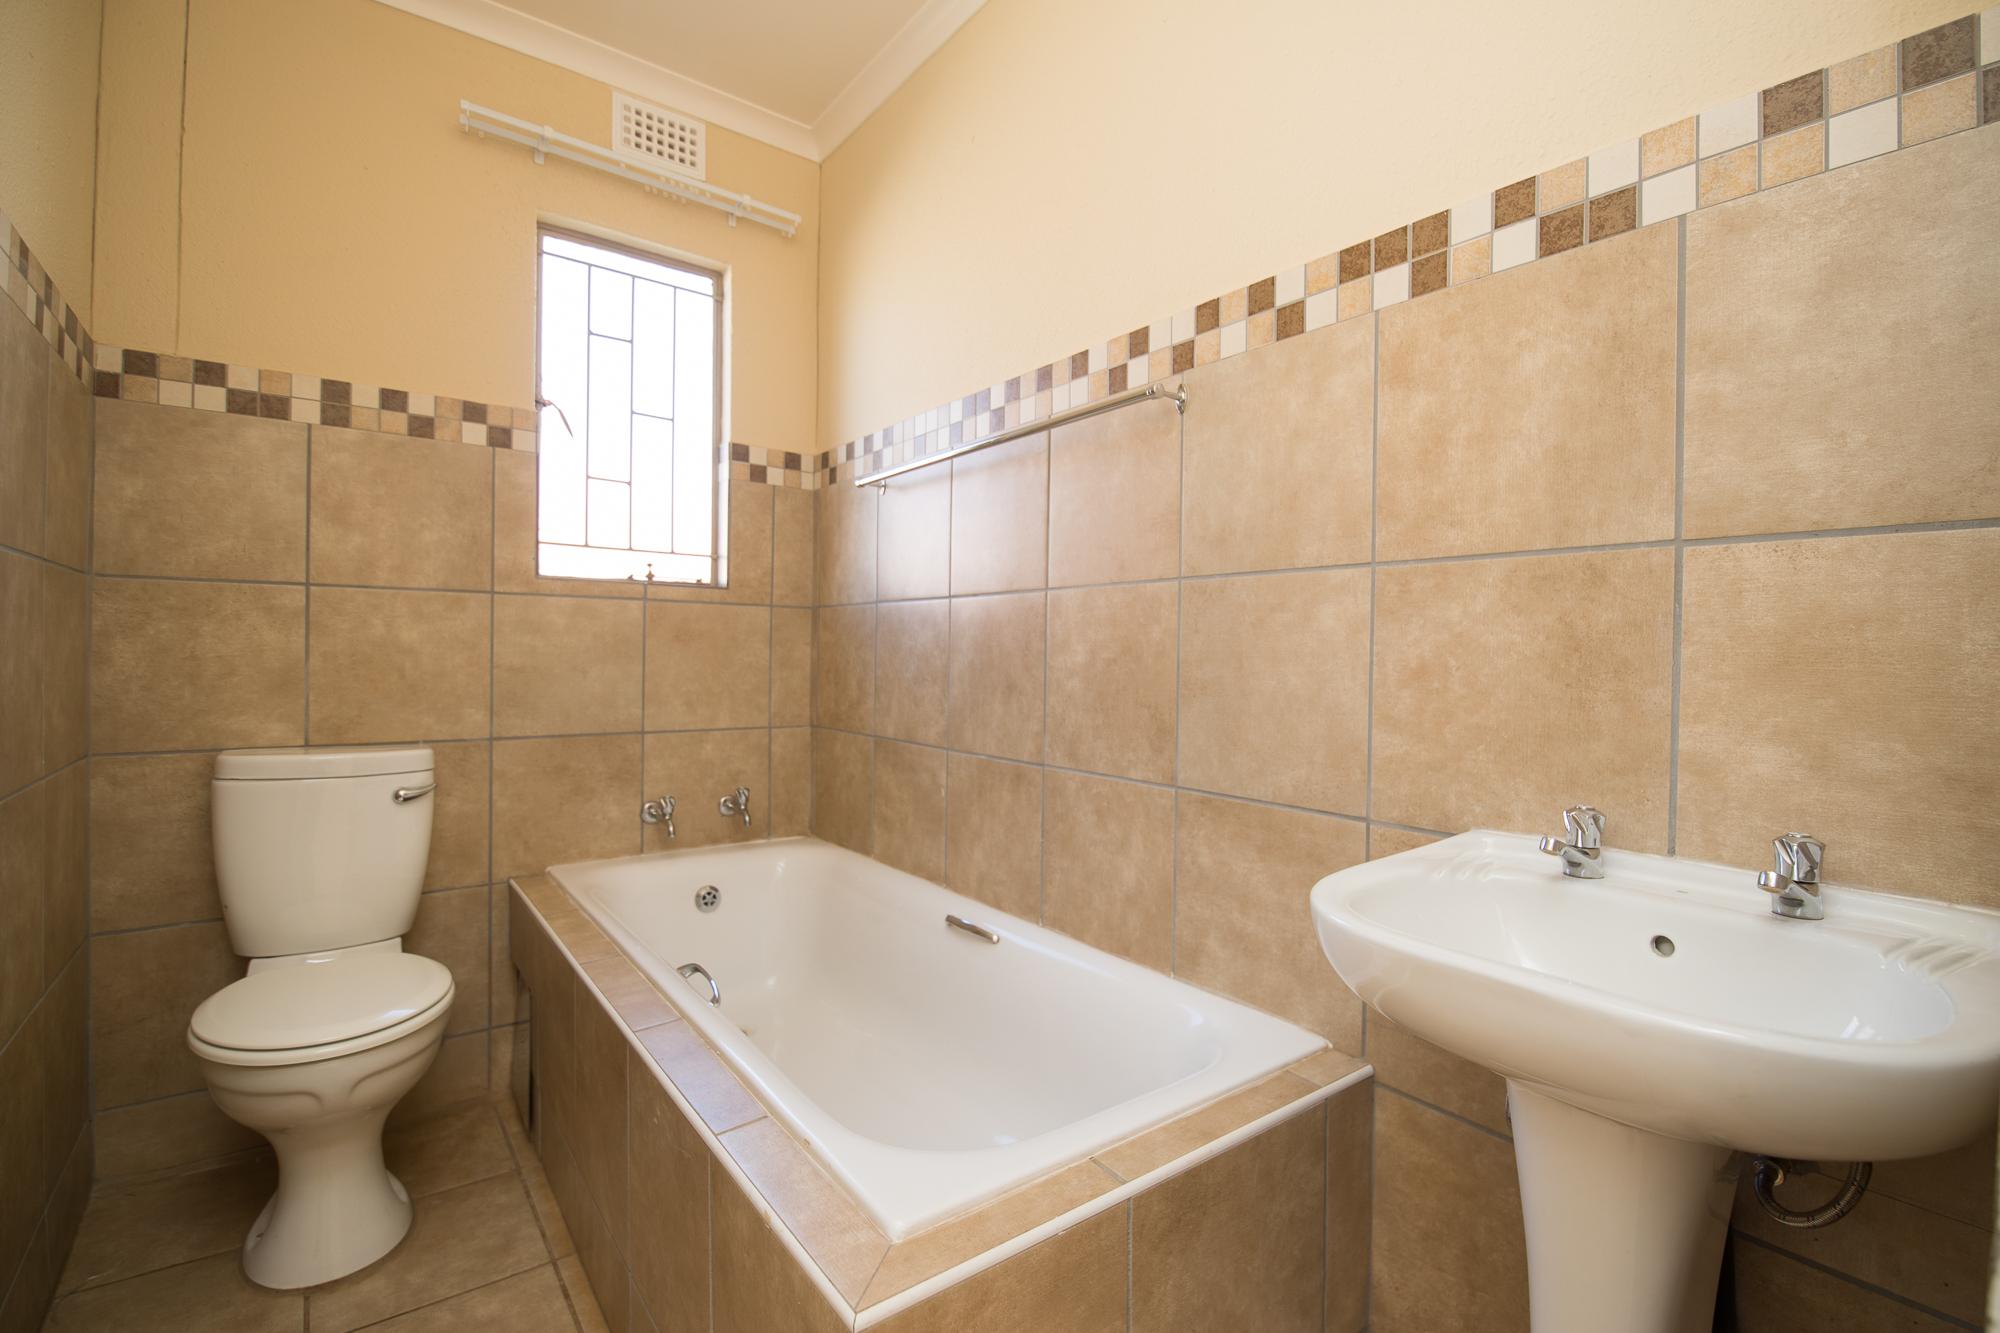 Leopard's Rest, Homes for Sale in Alberton, Gauteng - Bathroom